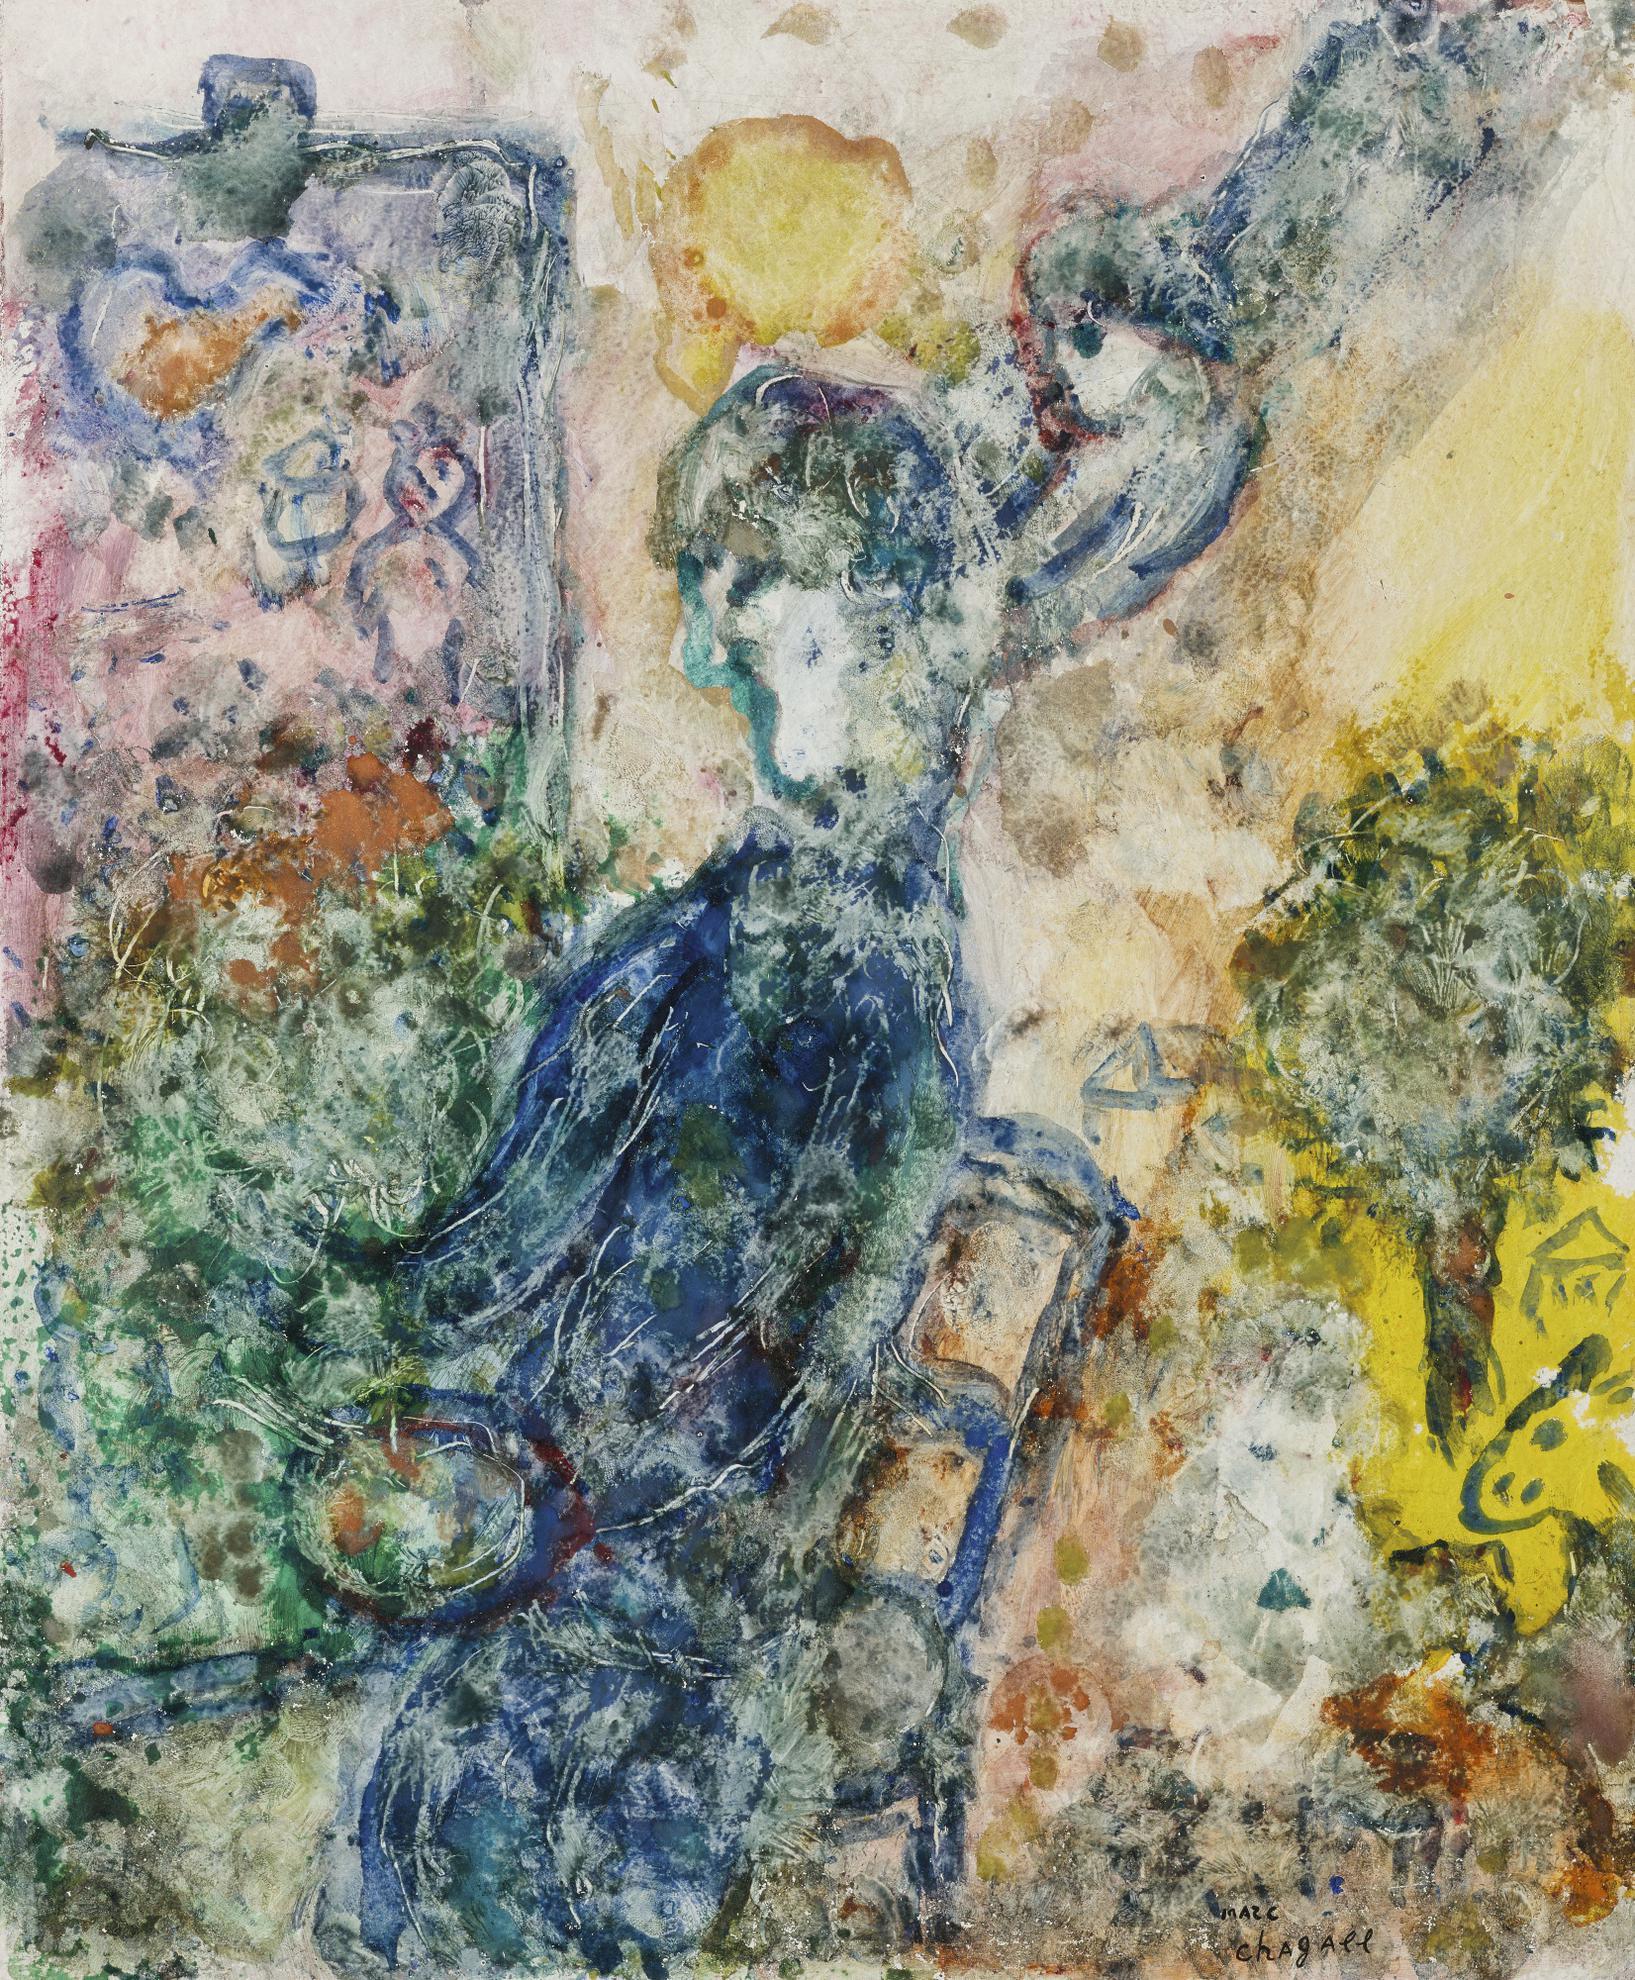 Marc Chagall-Le Peintre A La Palette-1983